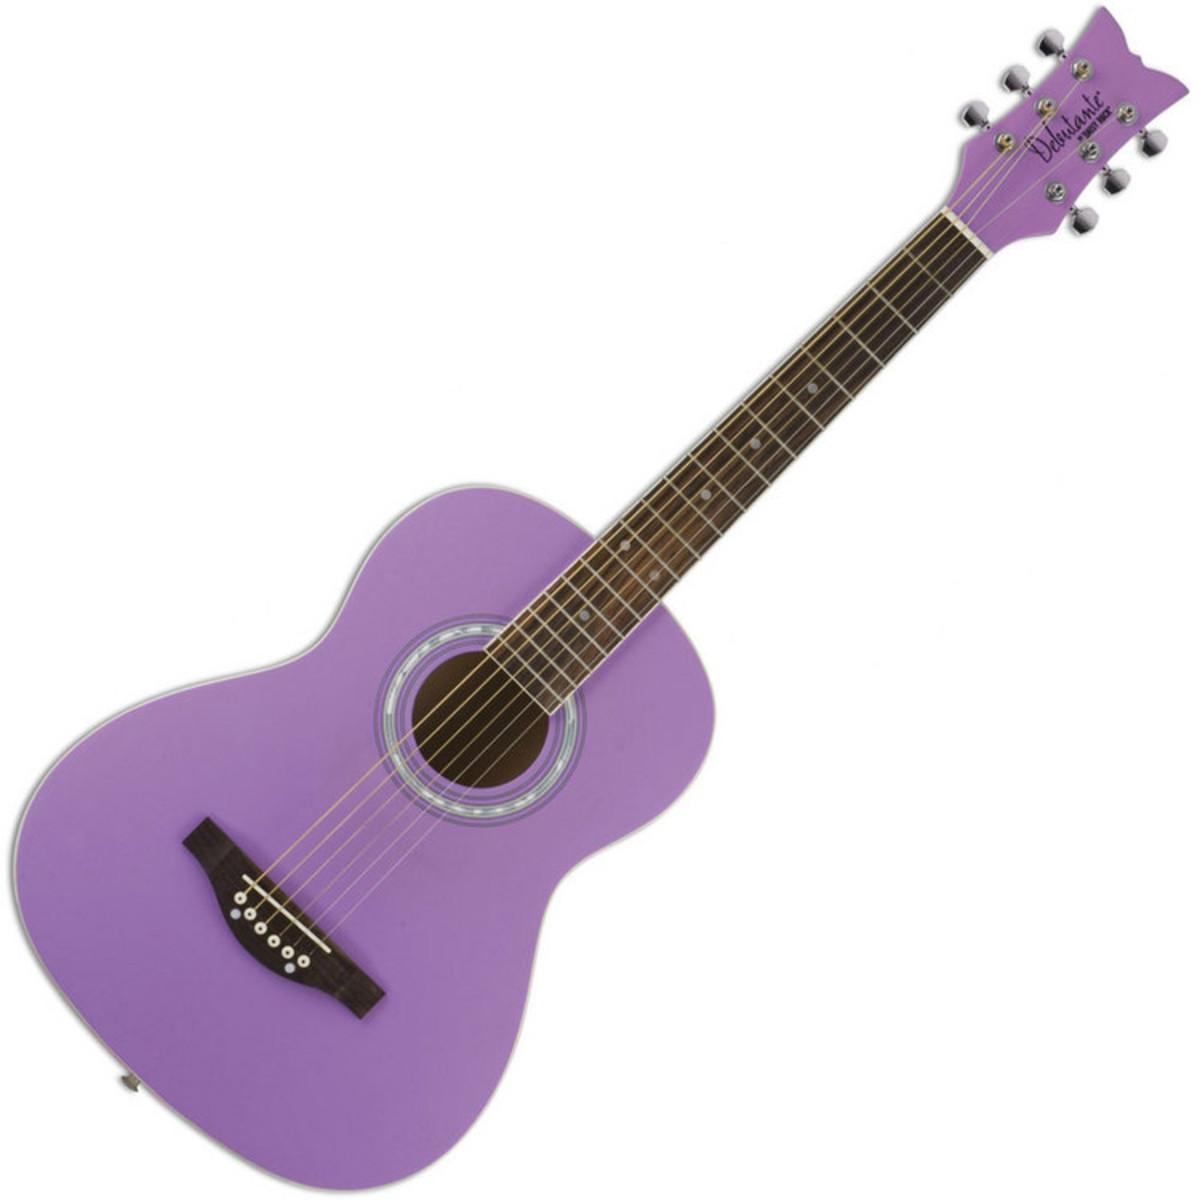 daisy rock guitare acoustique junior miss diapason court sucette violette. Black Bedroom Furniture Sets. Home Design Ideas